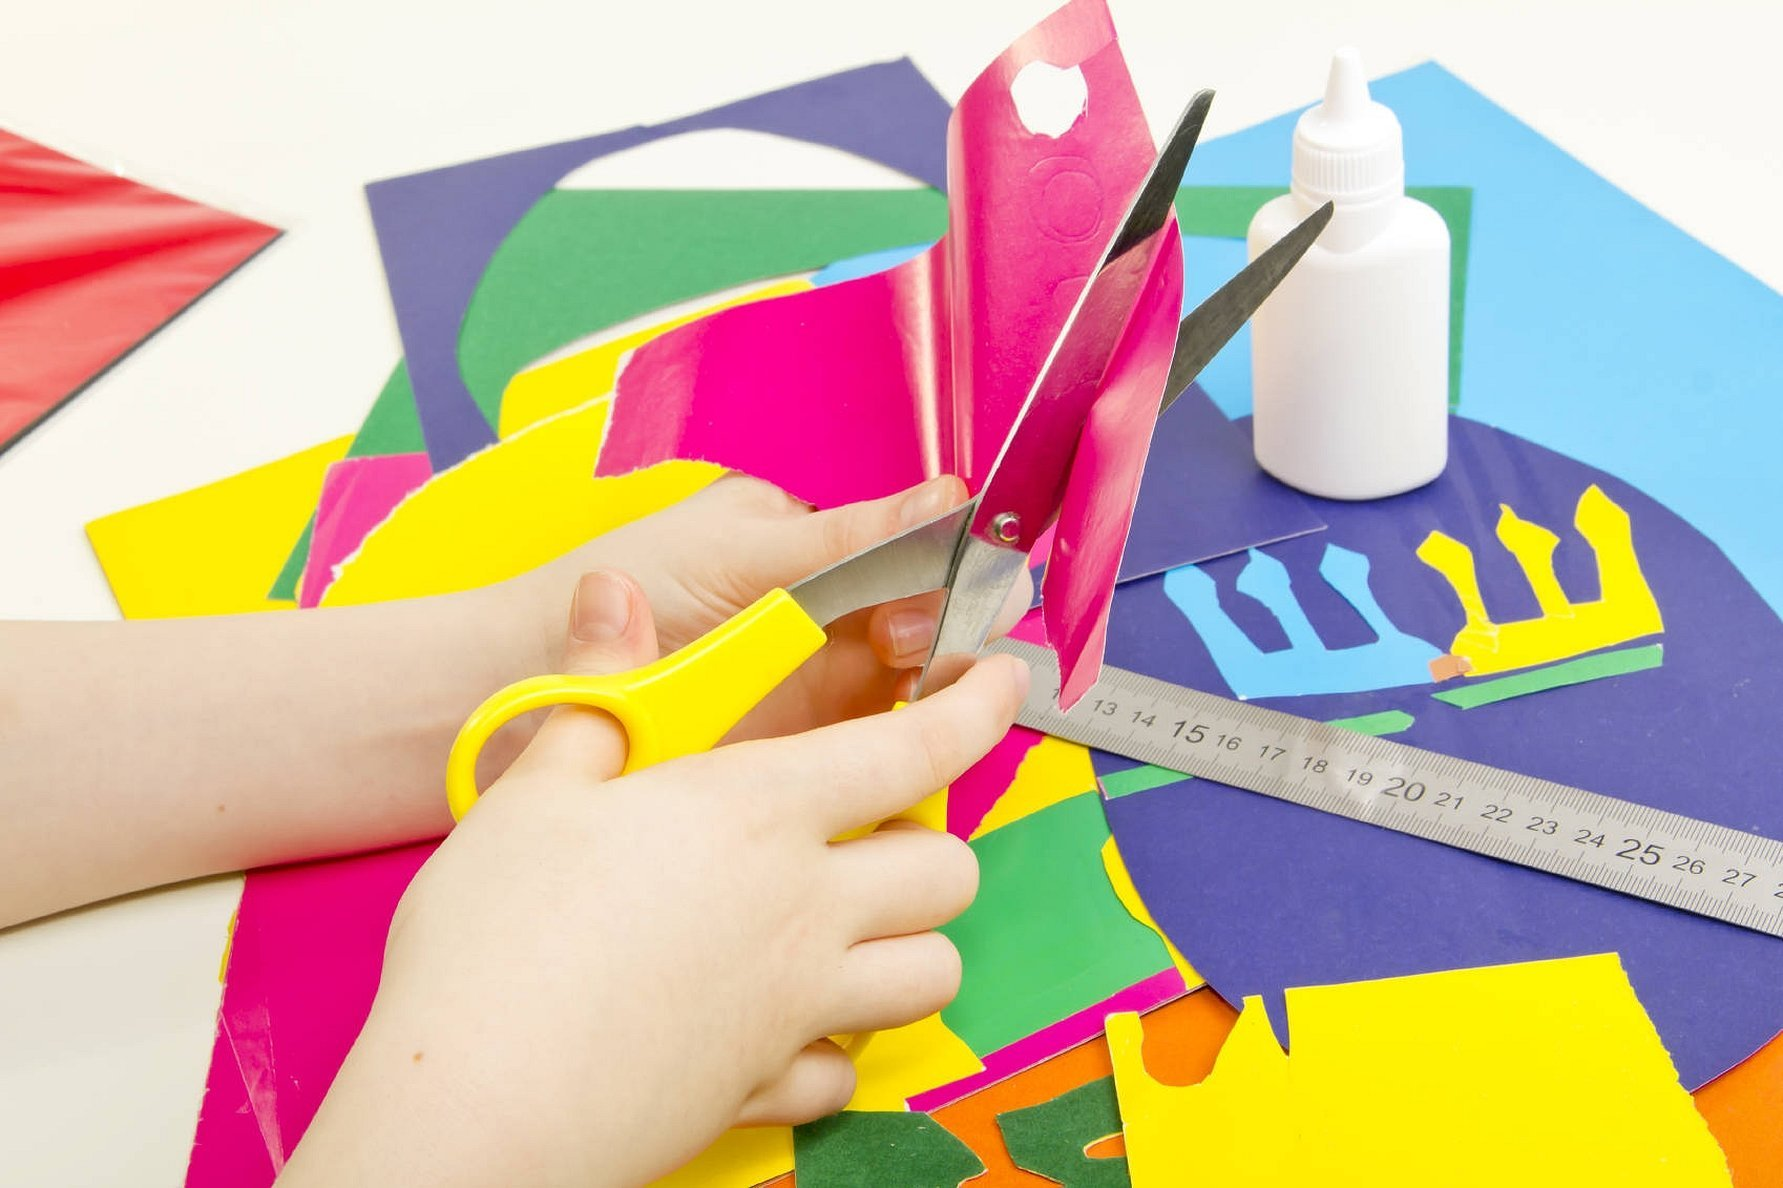 Режем цветную бумагу ножницами